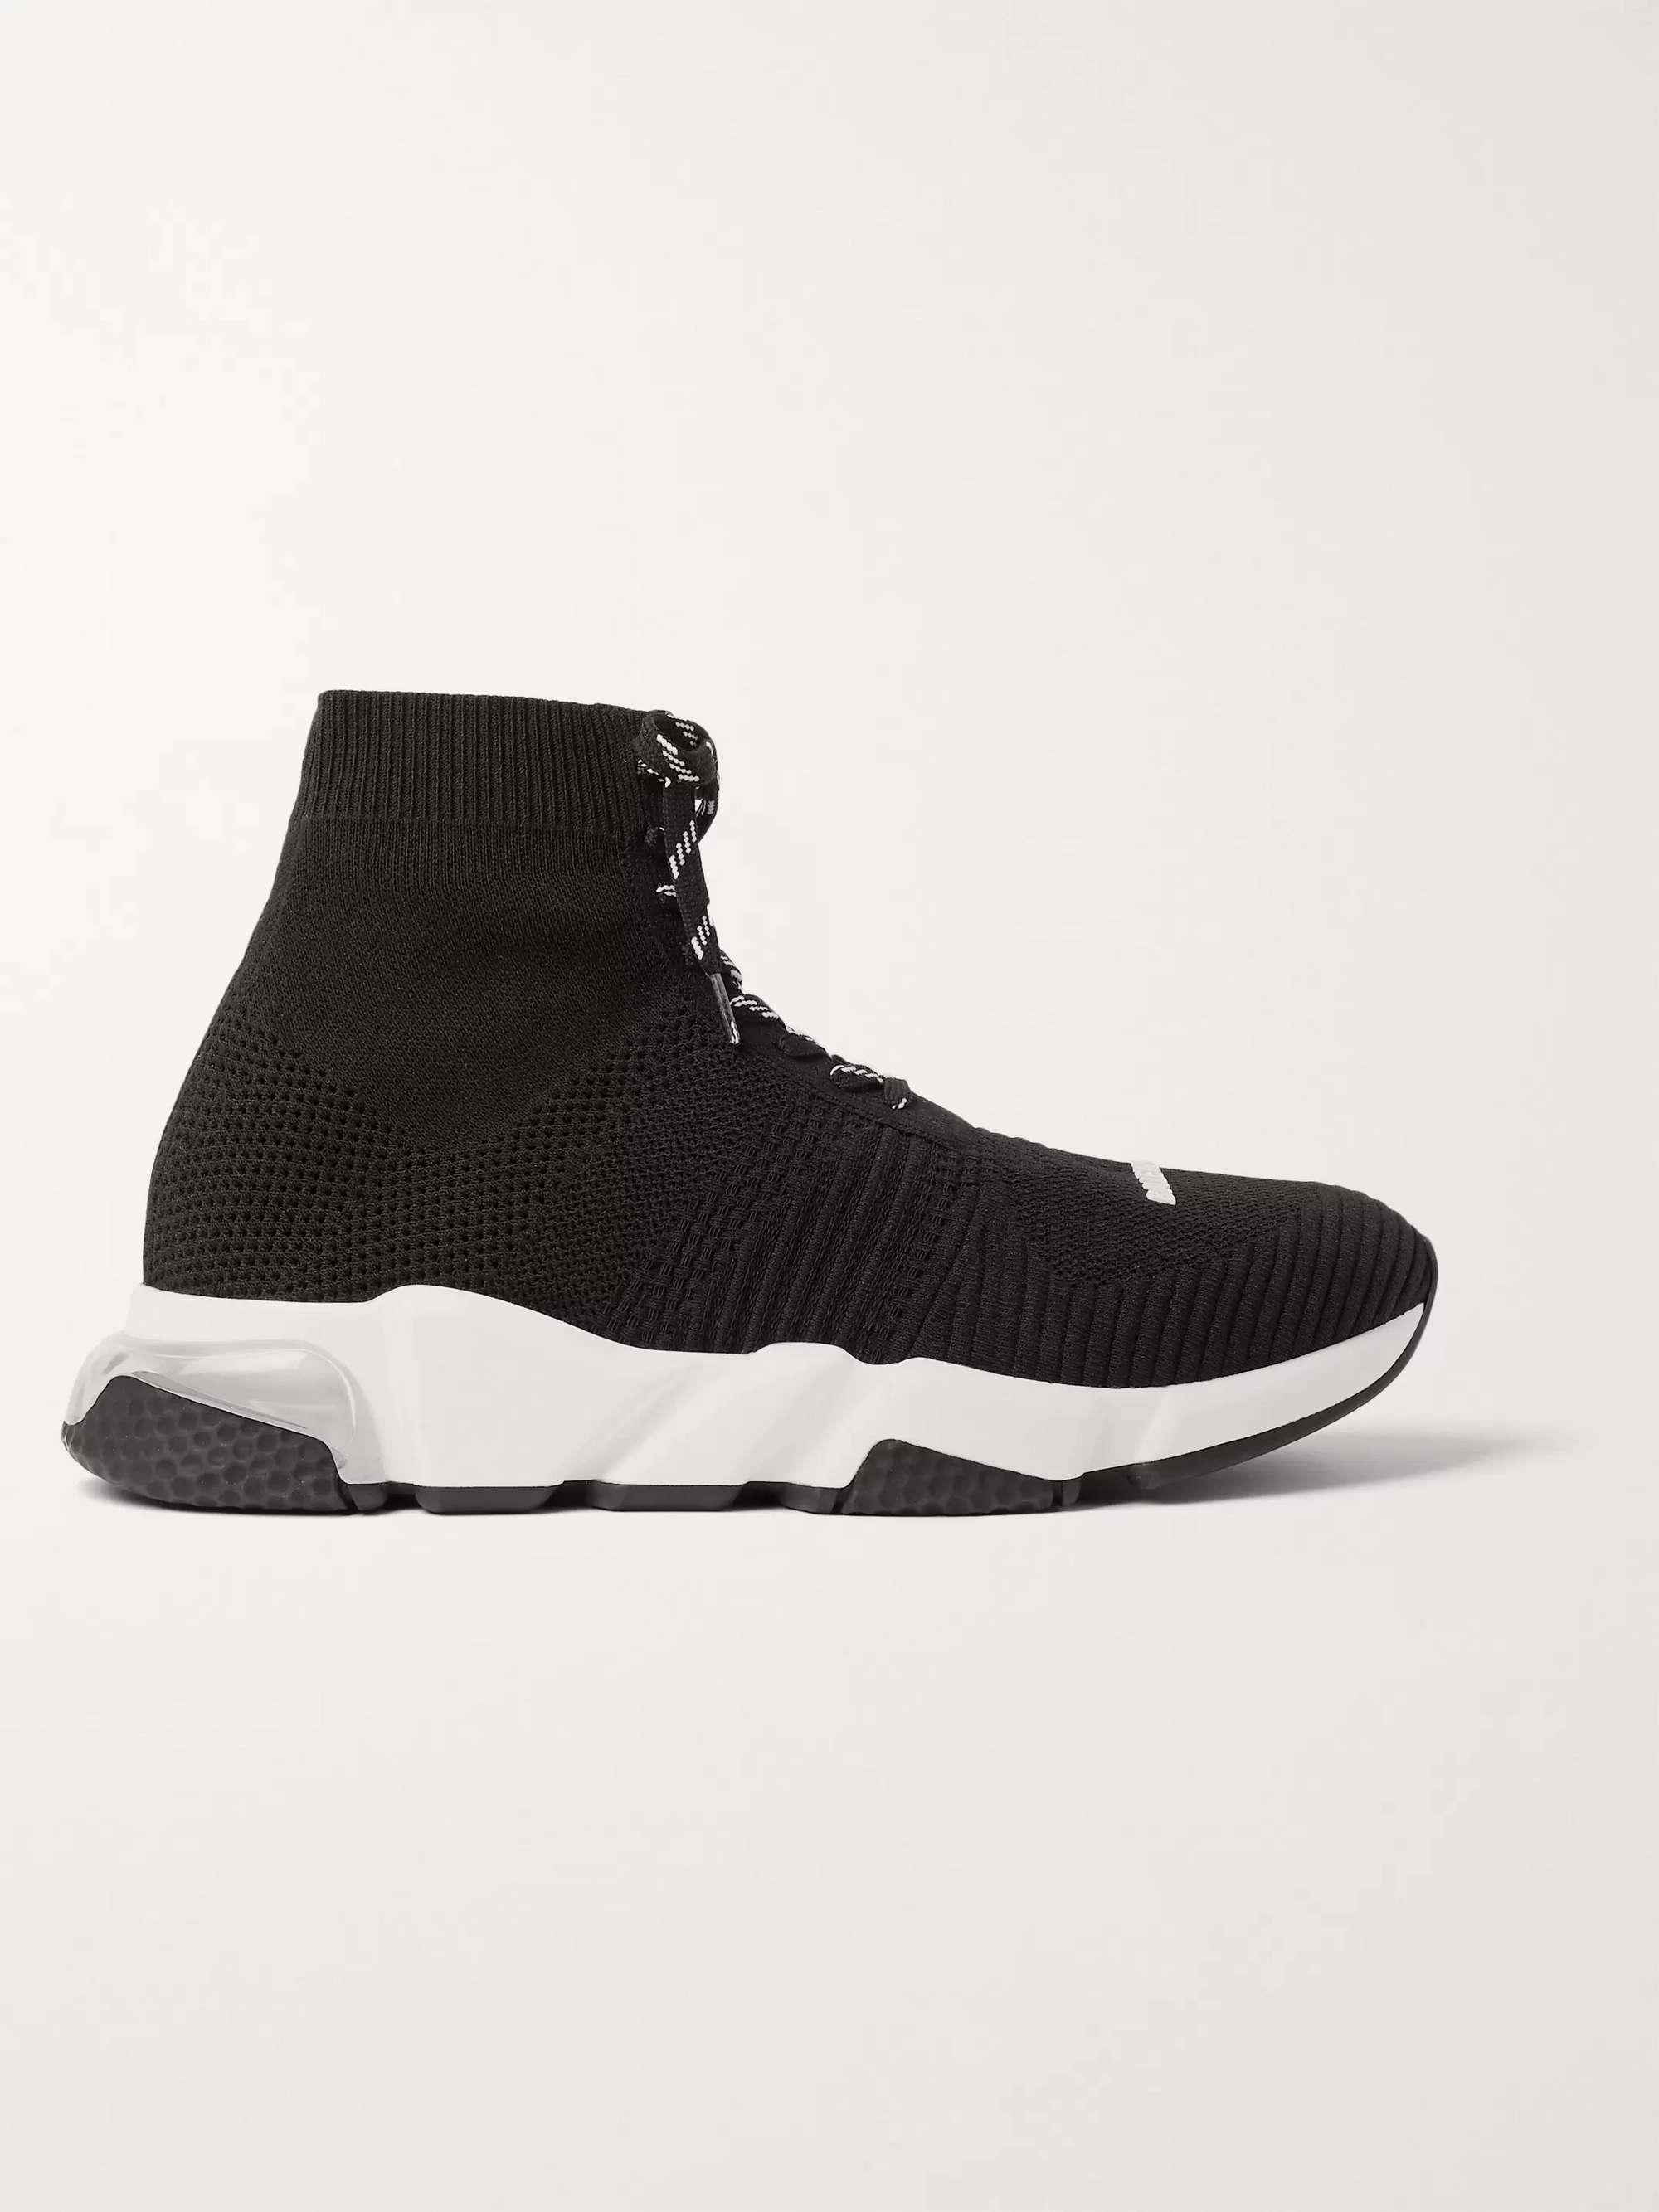 발렌시아가 스피드러너 남성용, 레이스업 - 블랙 Balenciaga Speed Stretch-Knit Sneakers,Black